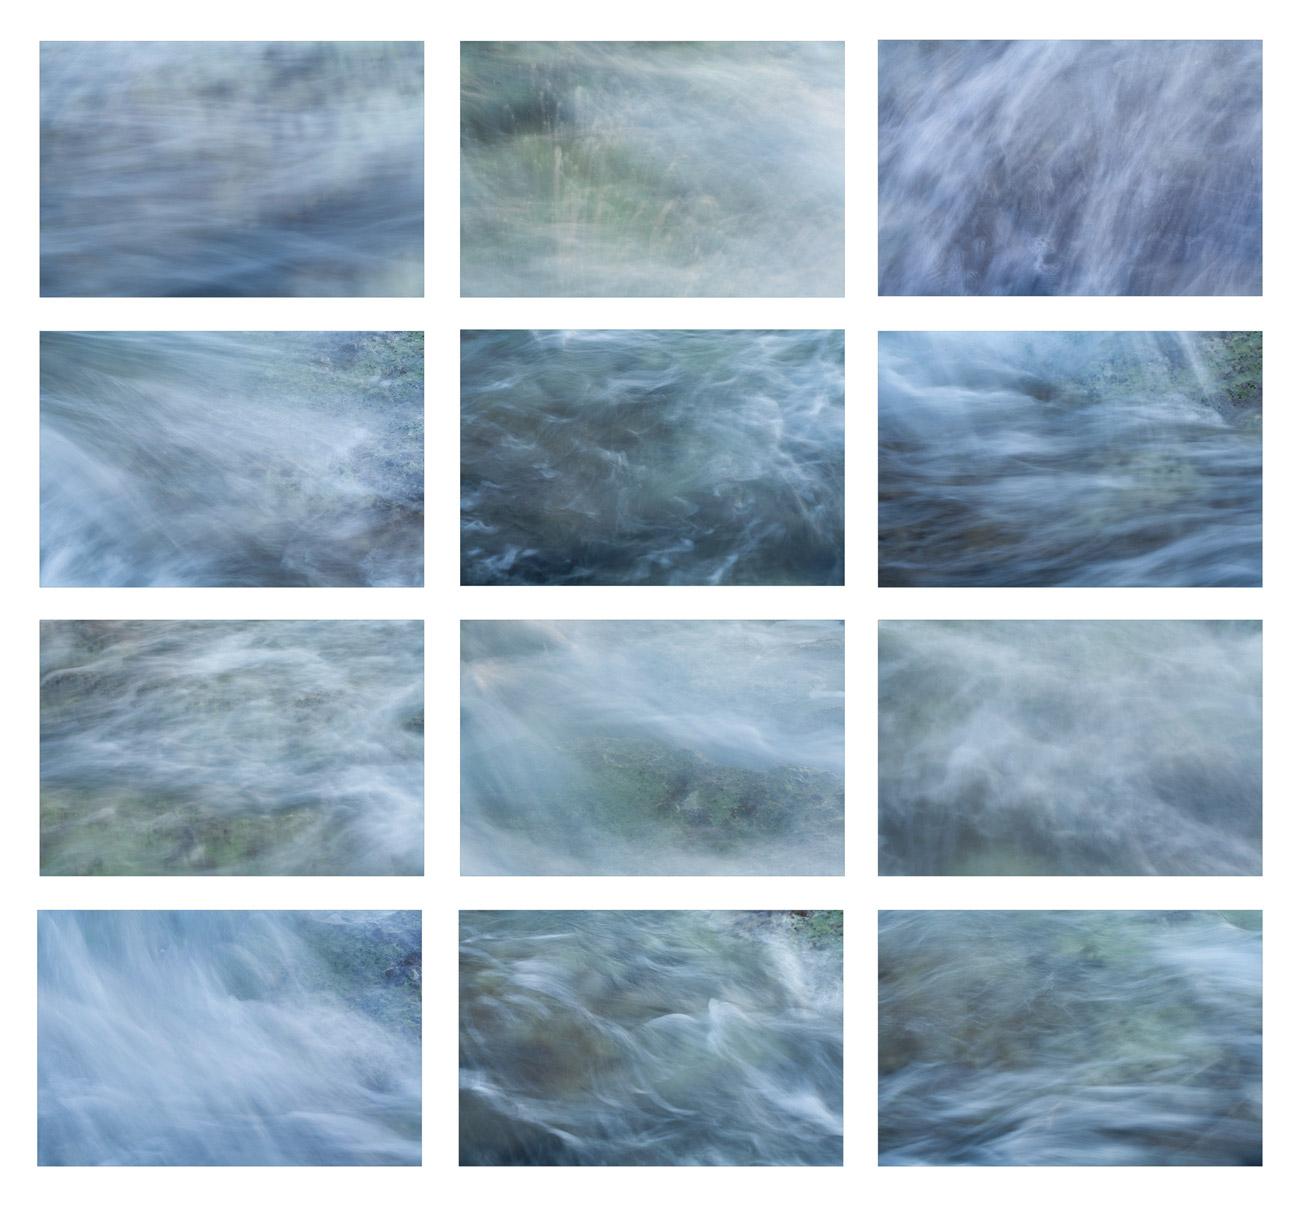 140x129-S-collage2-8bit_f.jpg